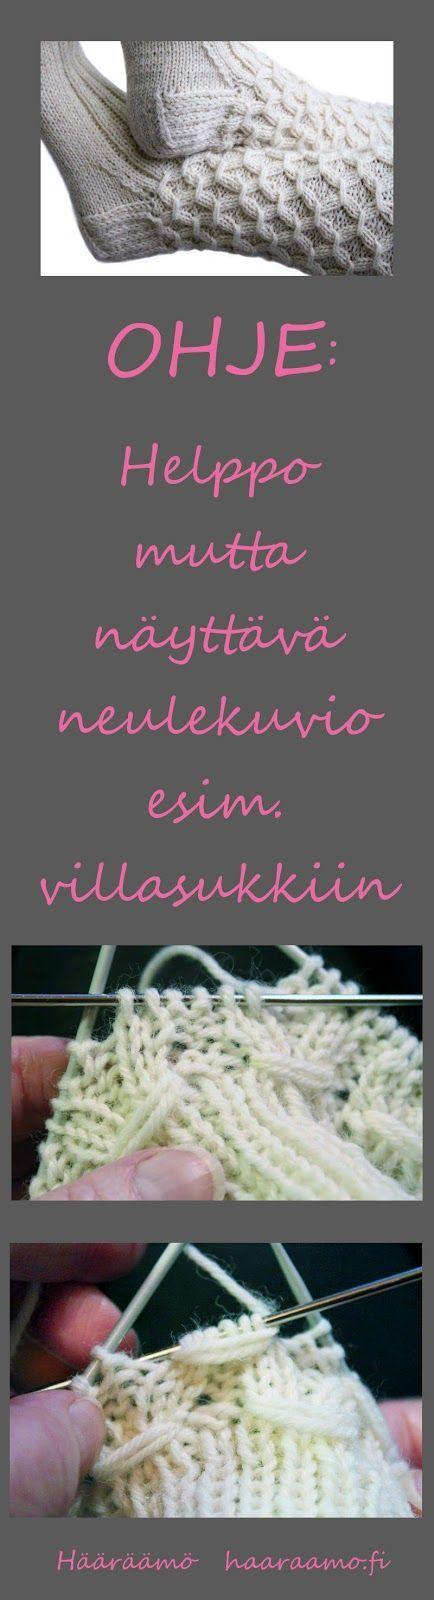 Neuleohje: lyhde, smokkineule, rypytetty joustinneule http://www.haaraamo.fi